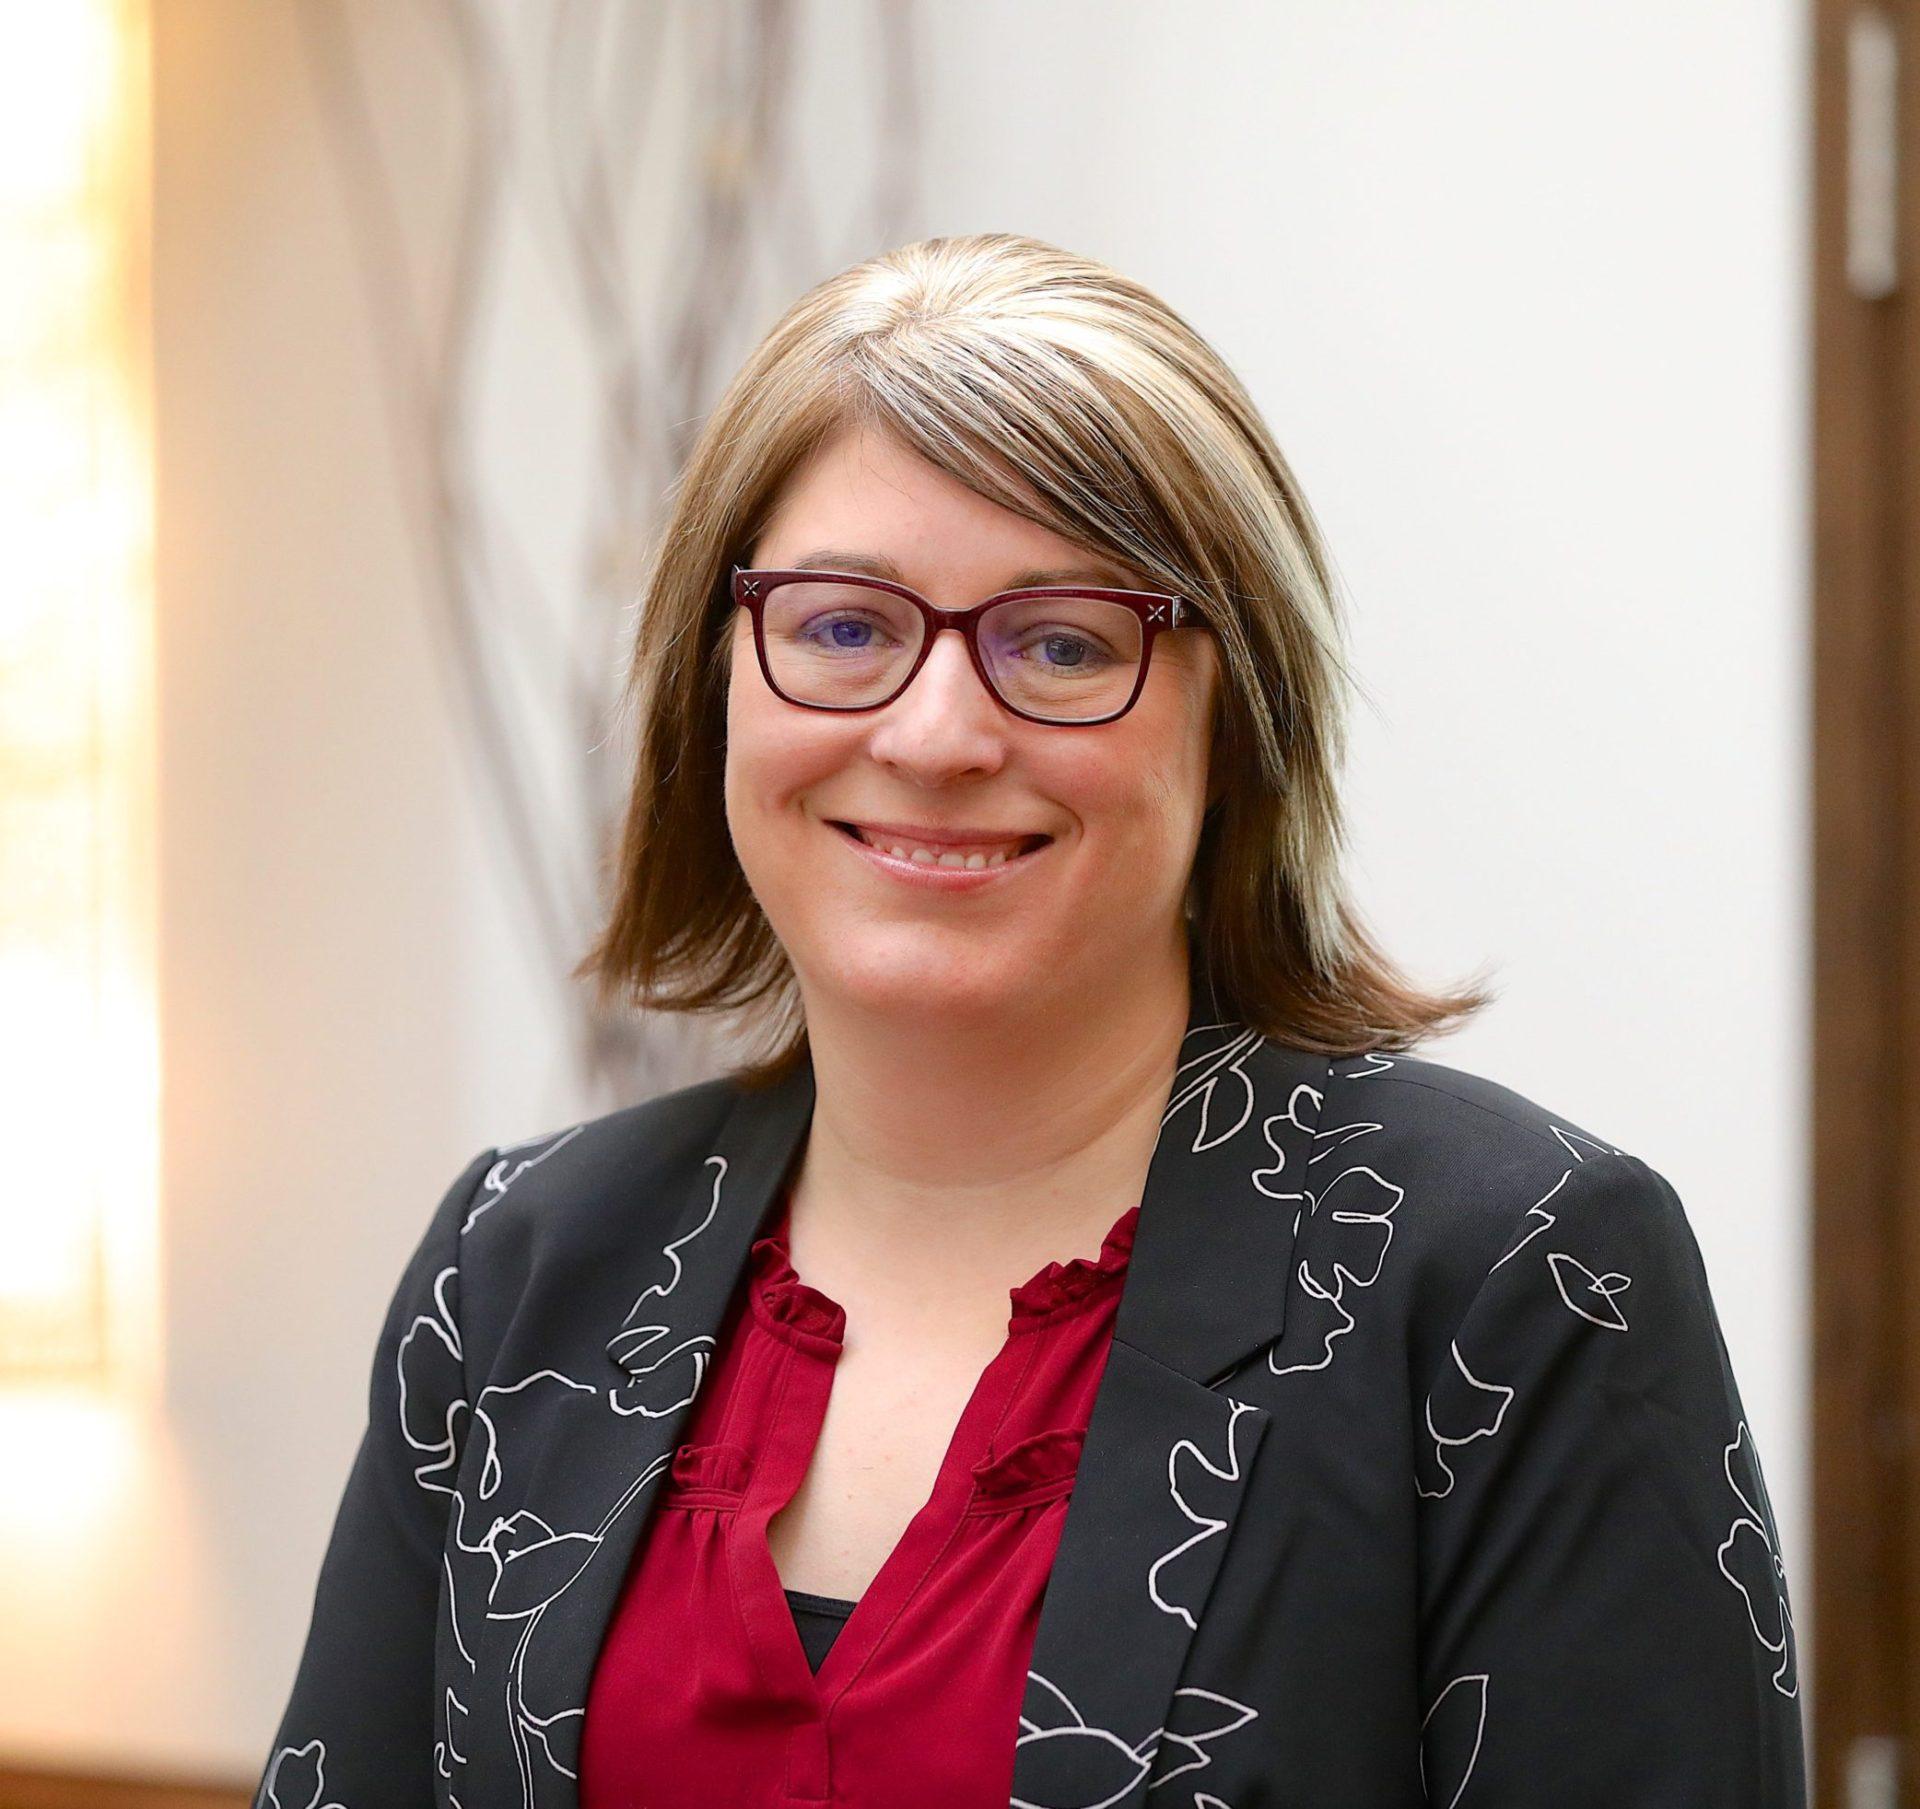 Amanda Finnke